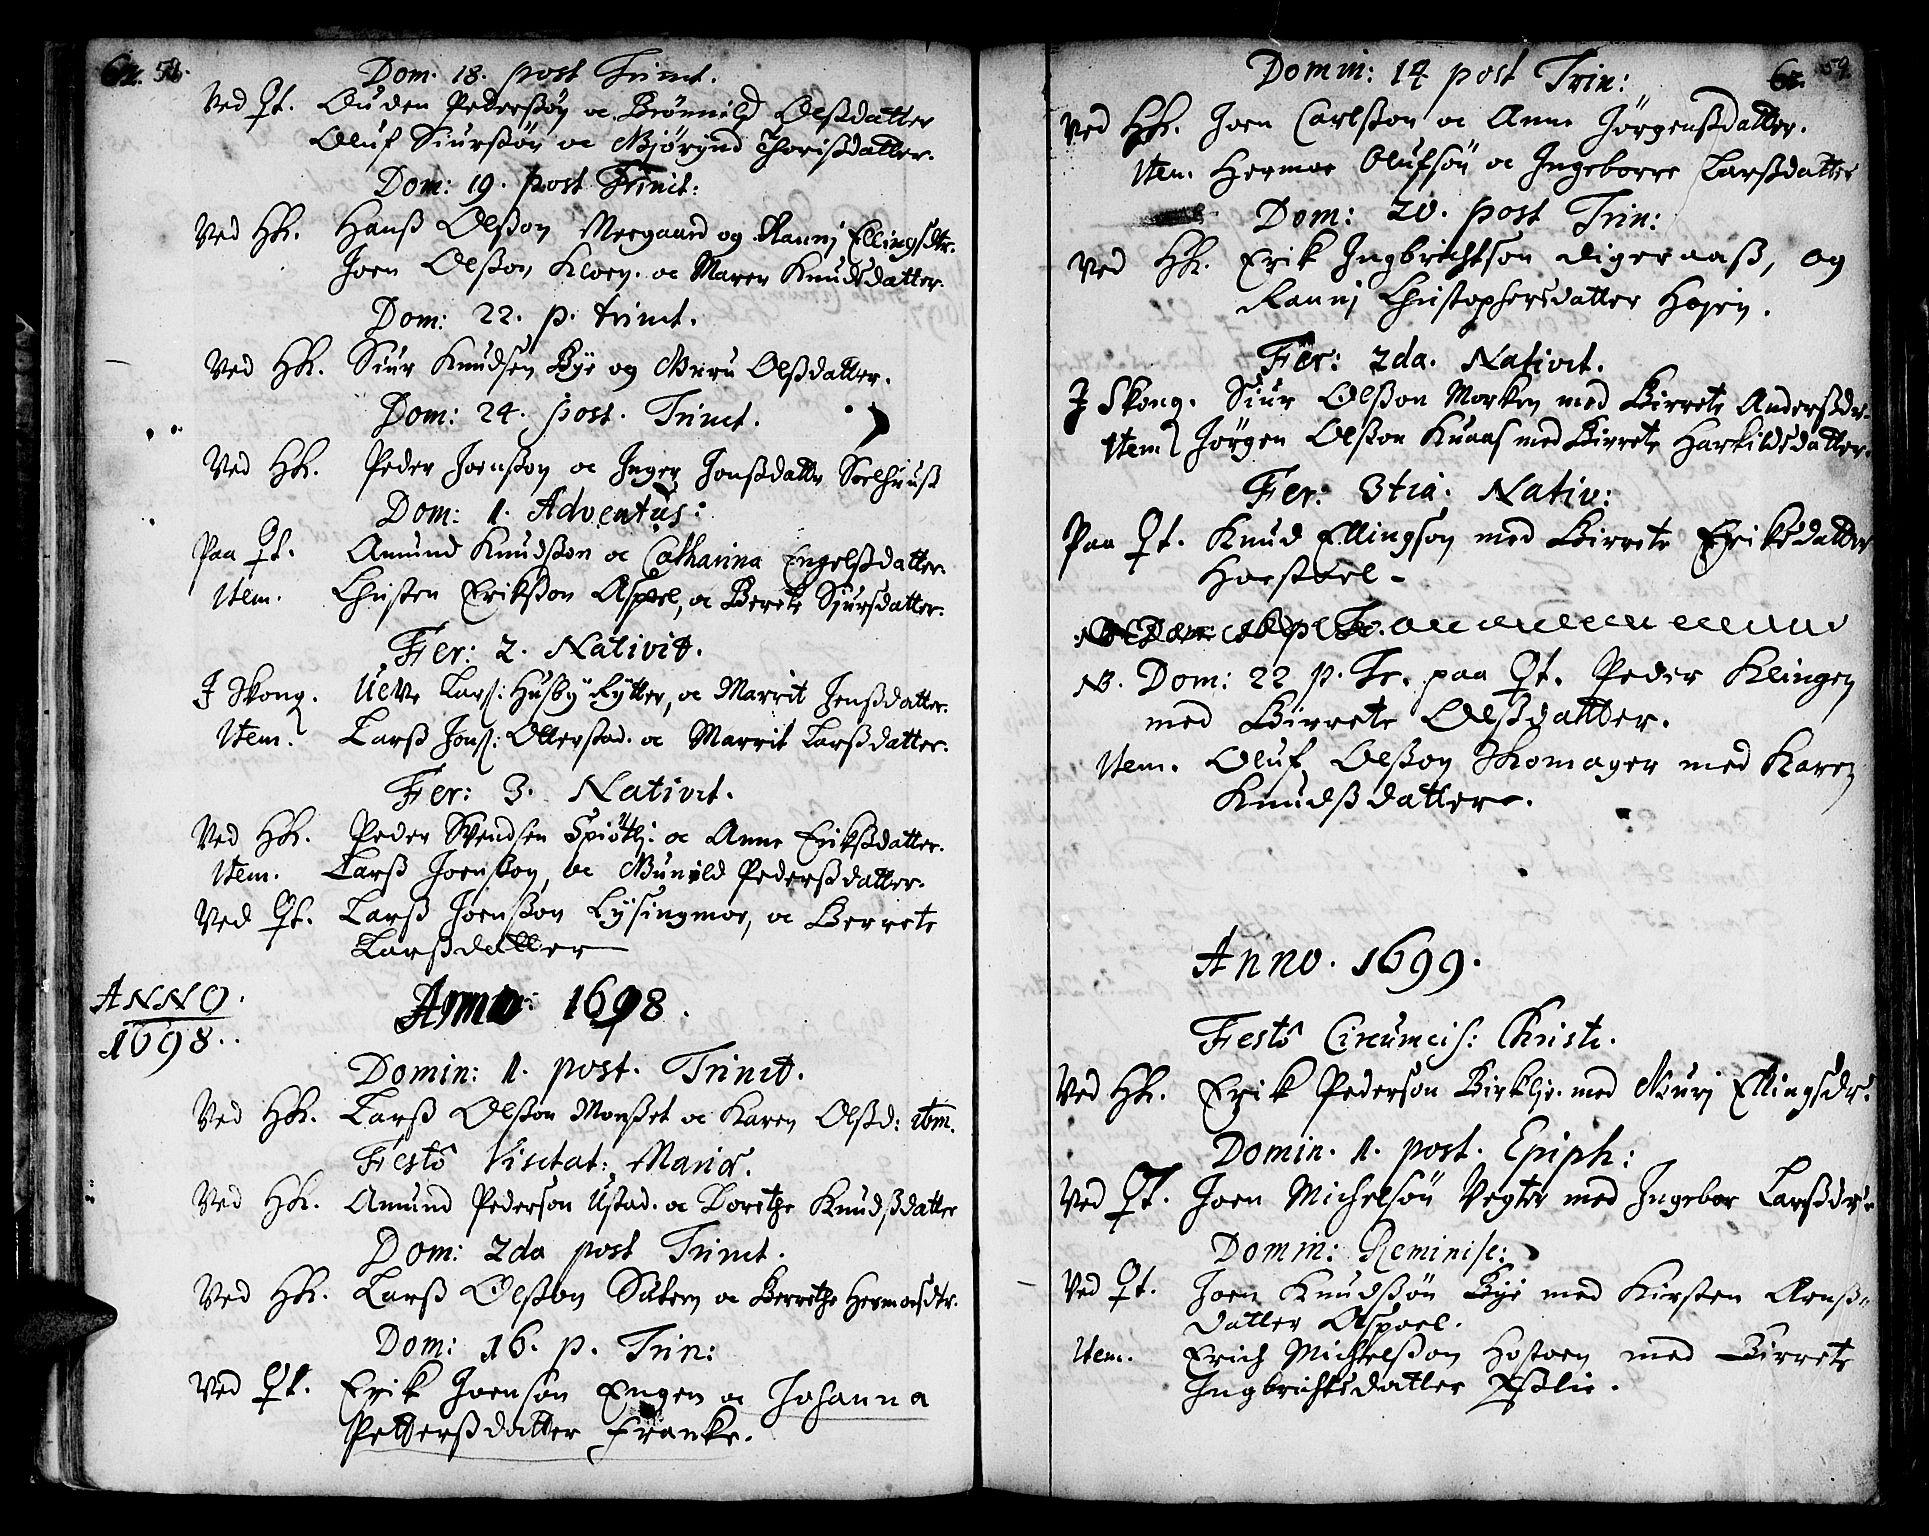 SAT, Ministerialprotokoller, klokkerbøker og fødselsregistre - Sør-Trøndelag, 668/L0801: Ministerialbok nr. 668A01, 1695-1716, s. 58-59